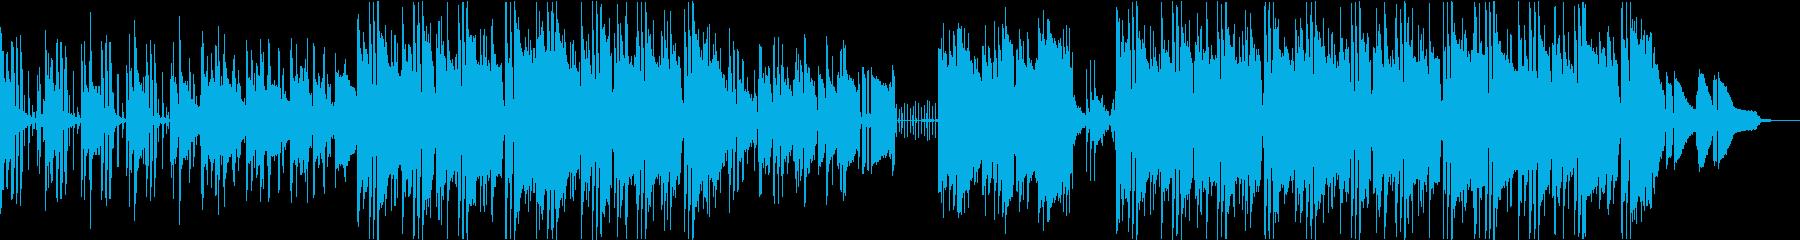 PV】チルアウト  落ち着き  オシャレの再生済みの波形